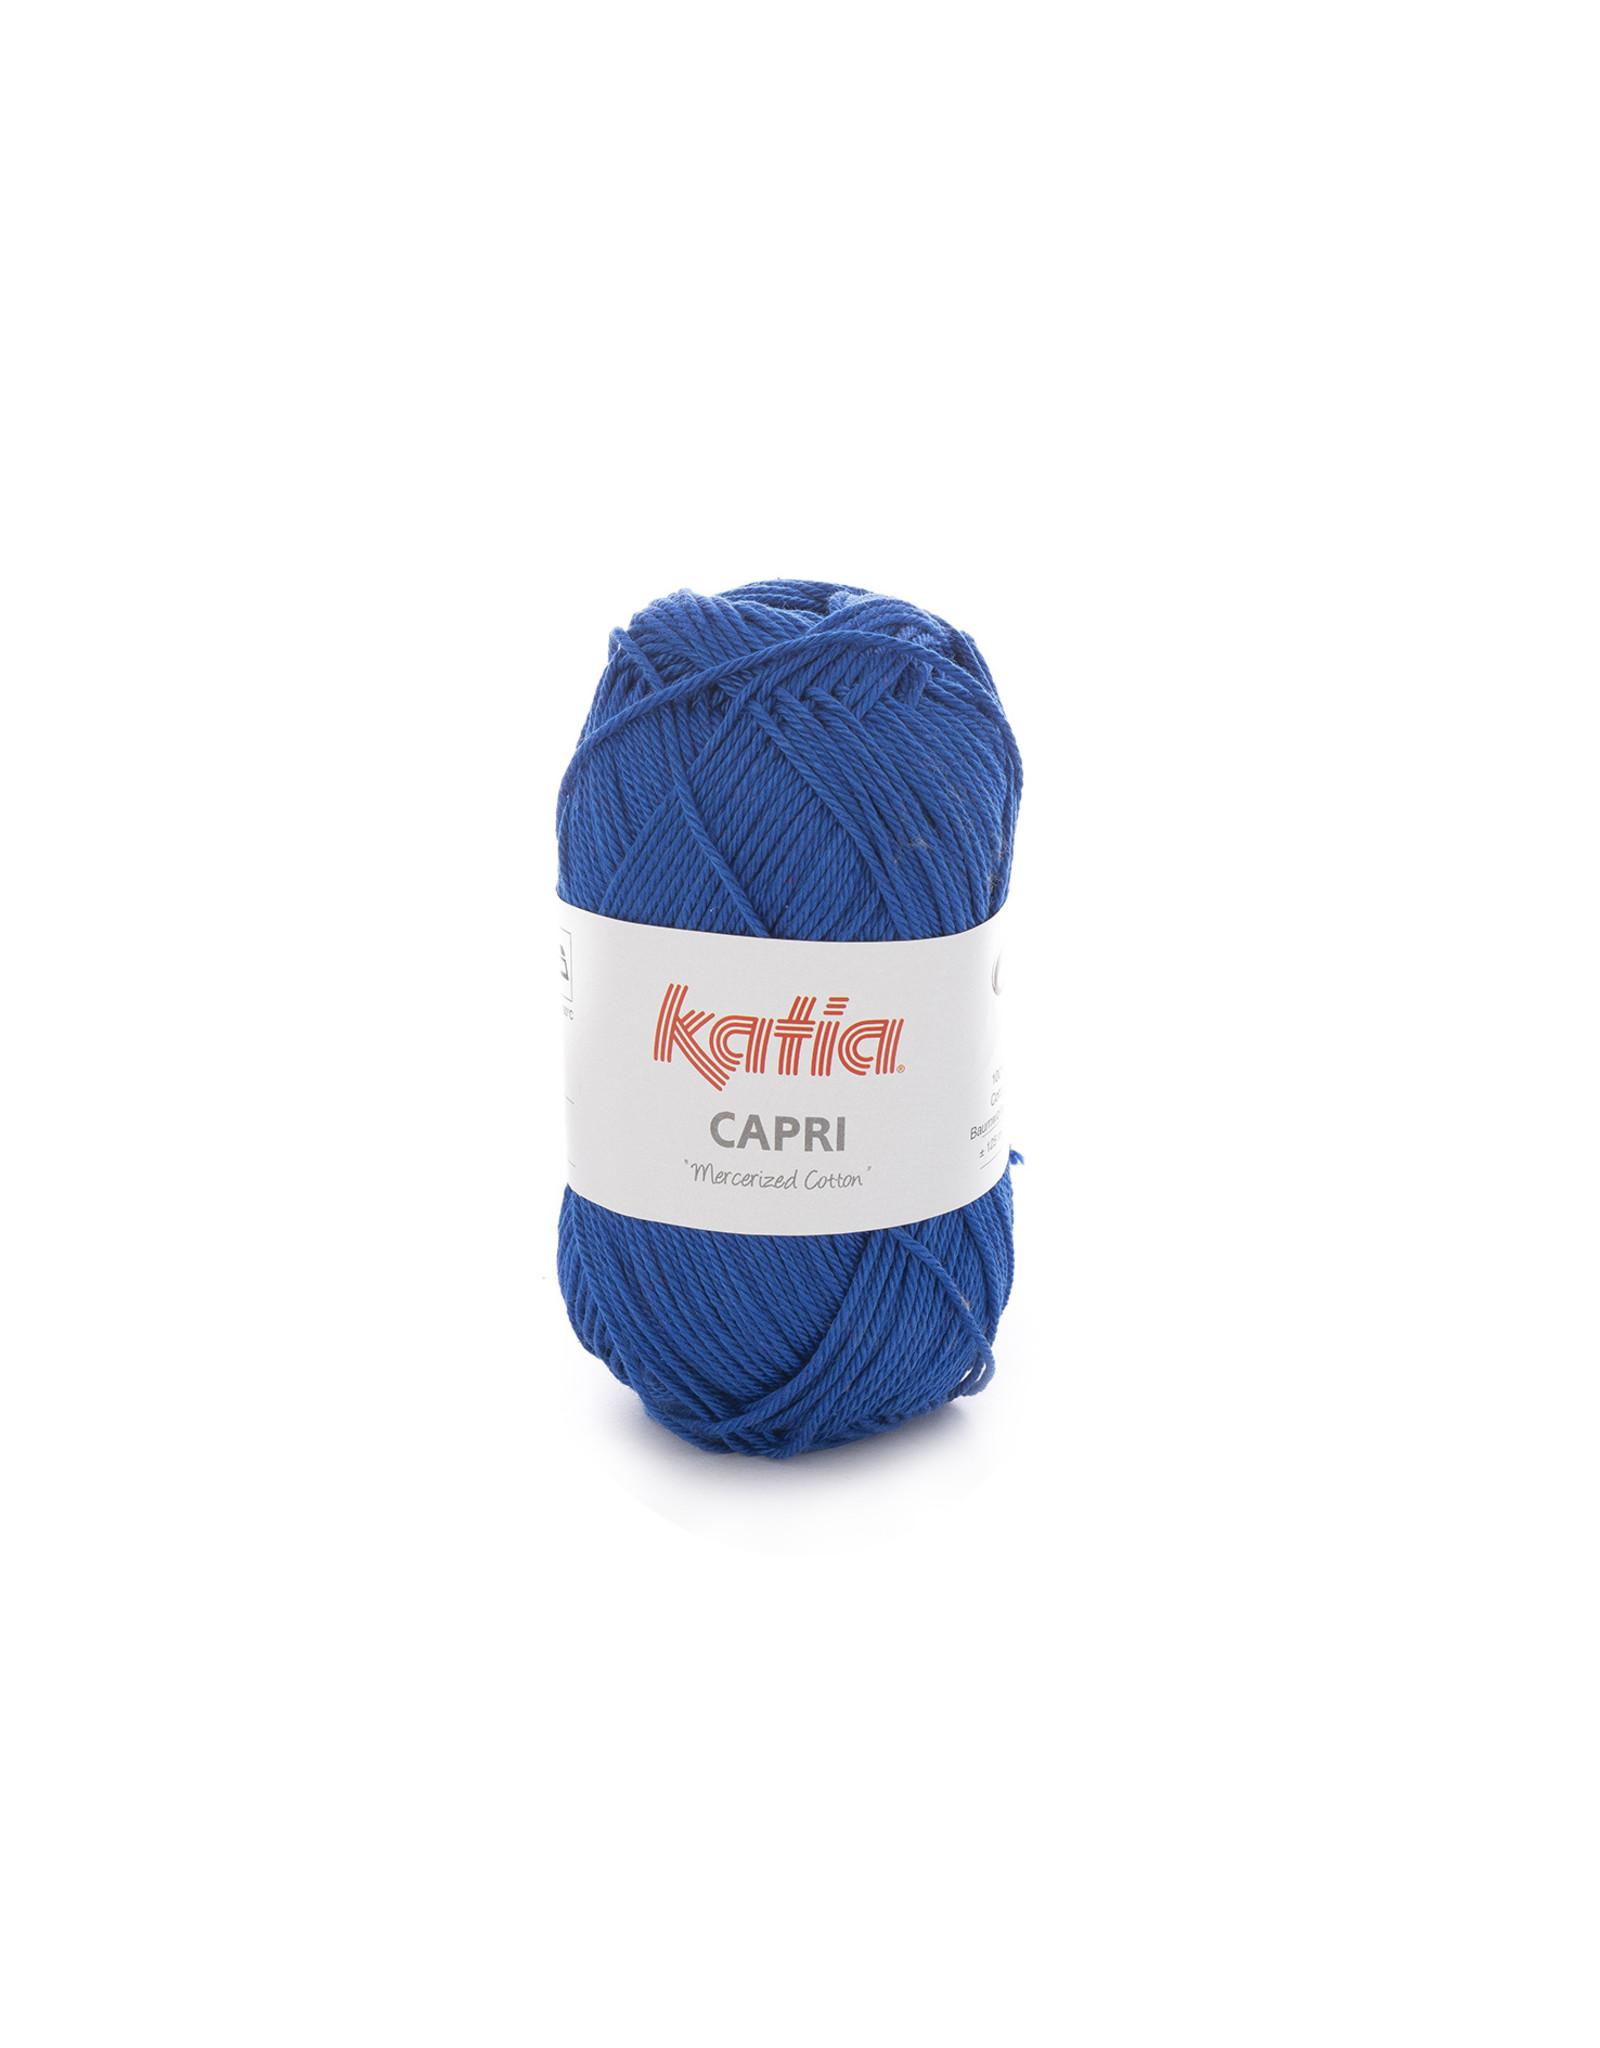 Katia Katia Capri - kleur 146 Nachtblauw - 50 gr. = 125 m. - 100% katoen